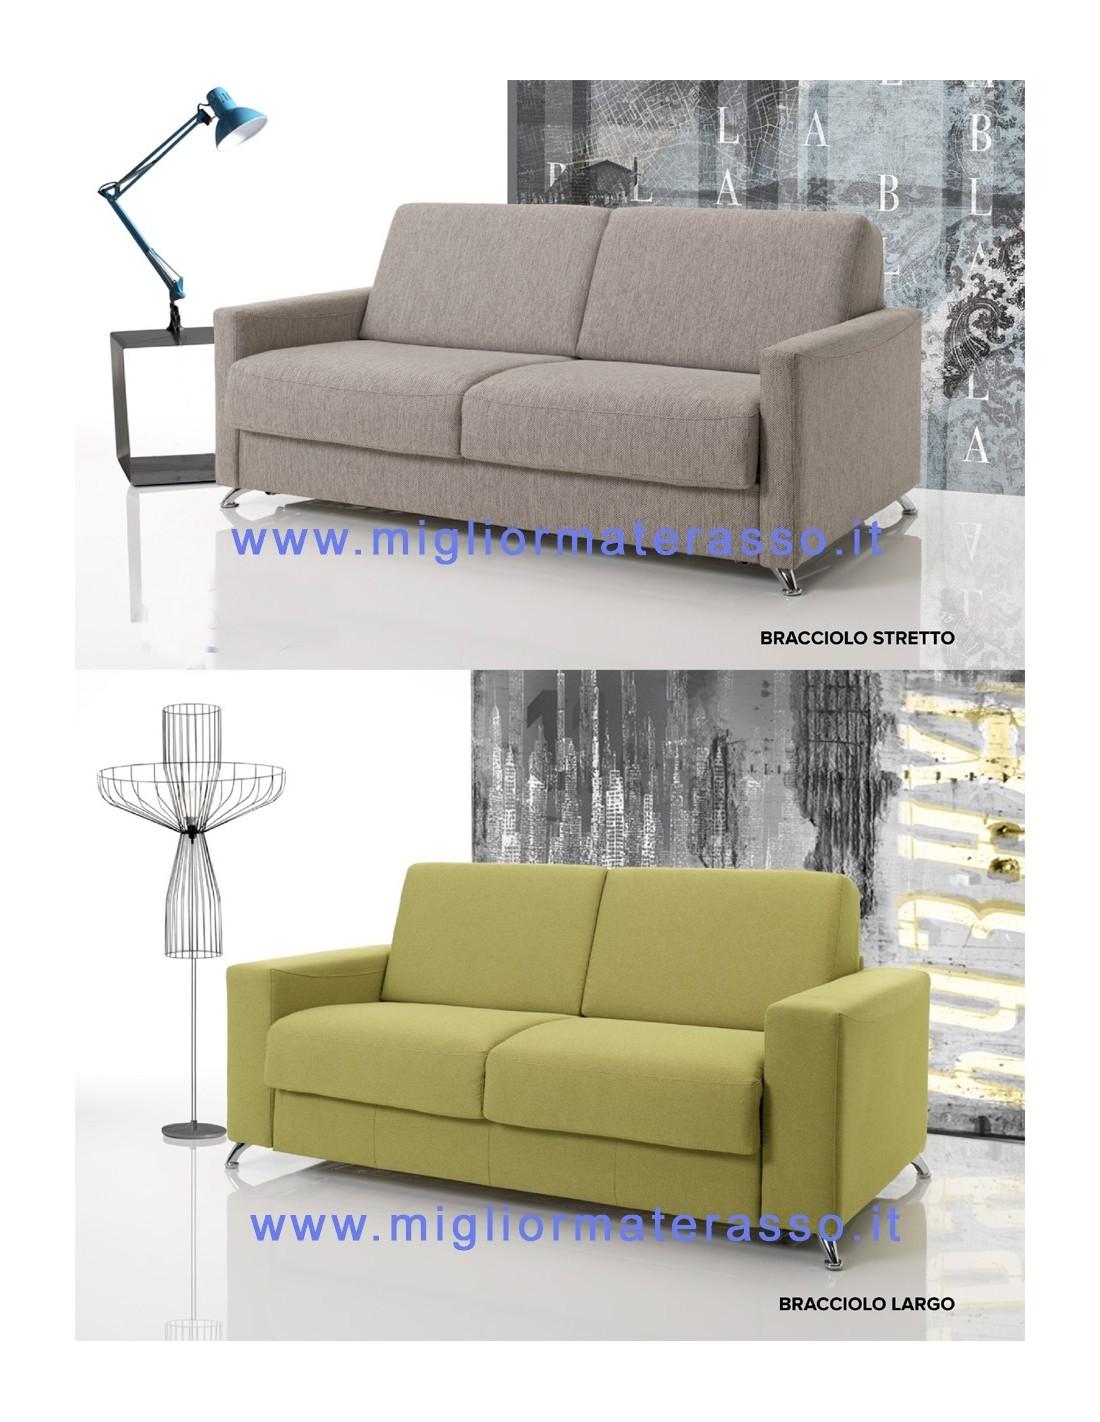 Materasso comodo alto 17 cm dentro un divano letto matrimoniale design - Divano letto design ...